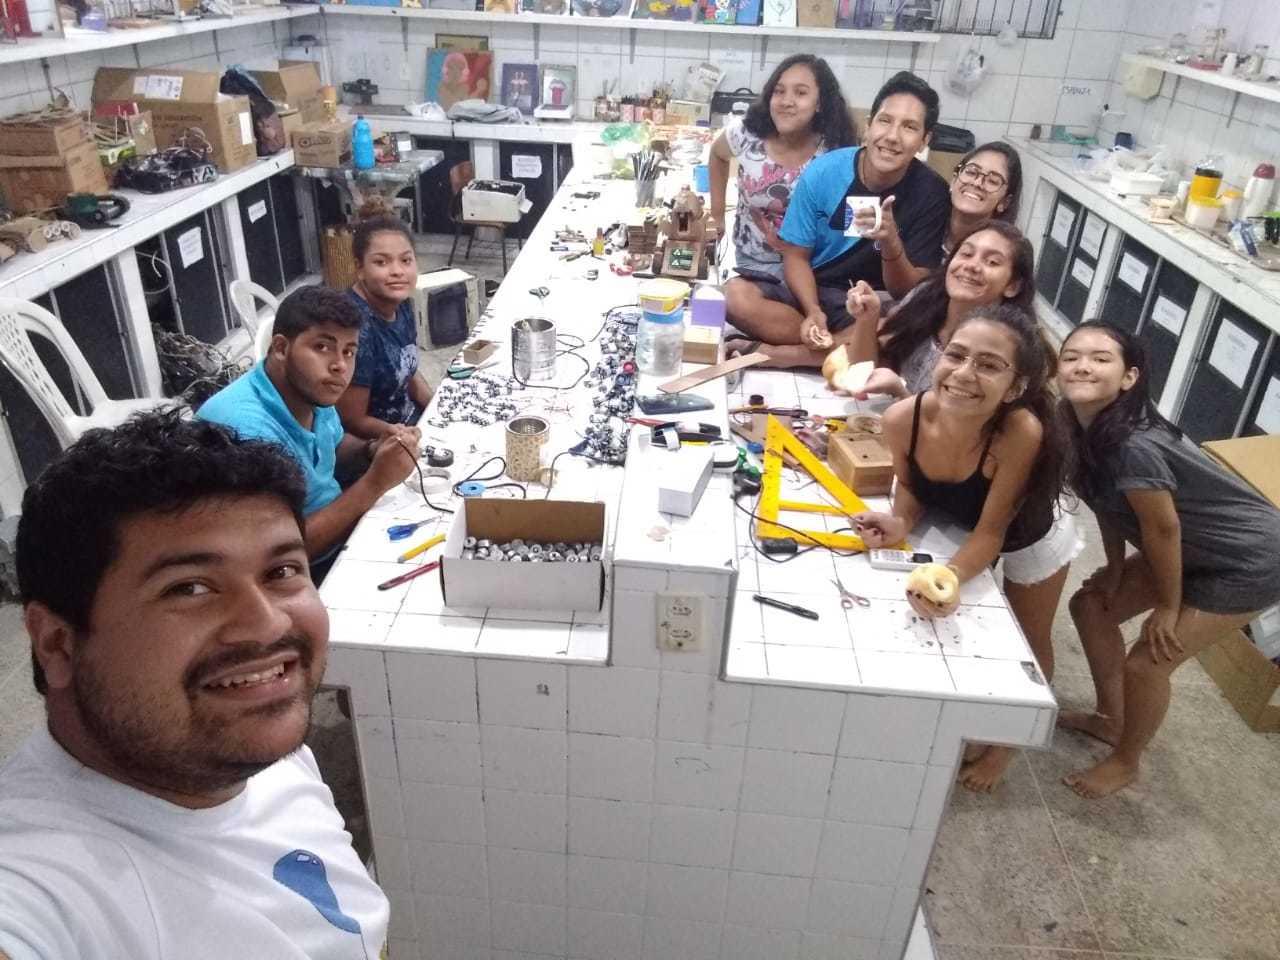 Alunos da E.E.F.M. Dom Helder Câmara, em Fortaleza, no espaço onde produzem robôs com materiais reciclados